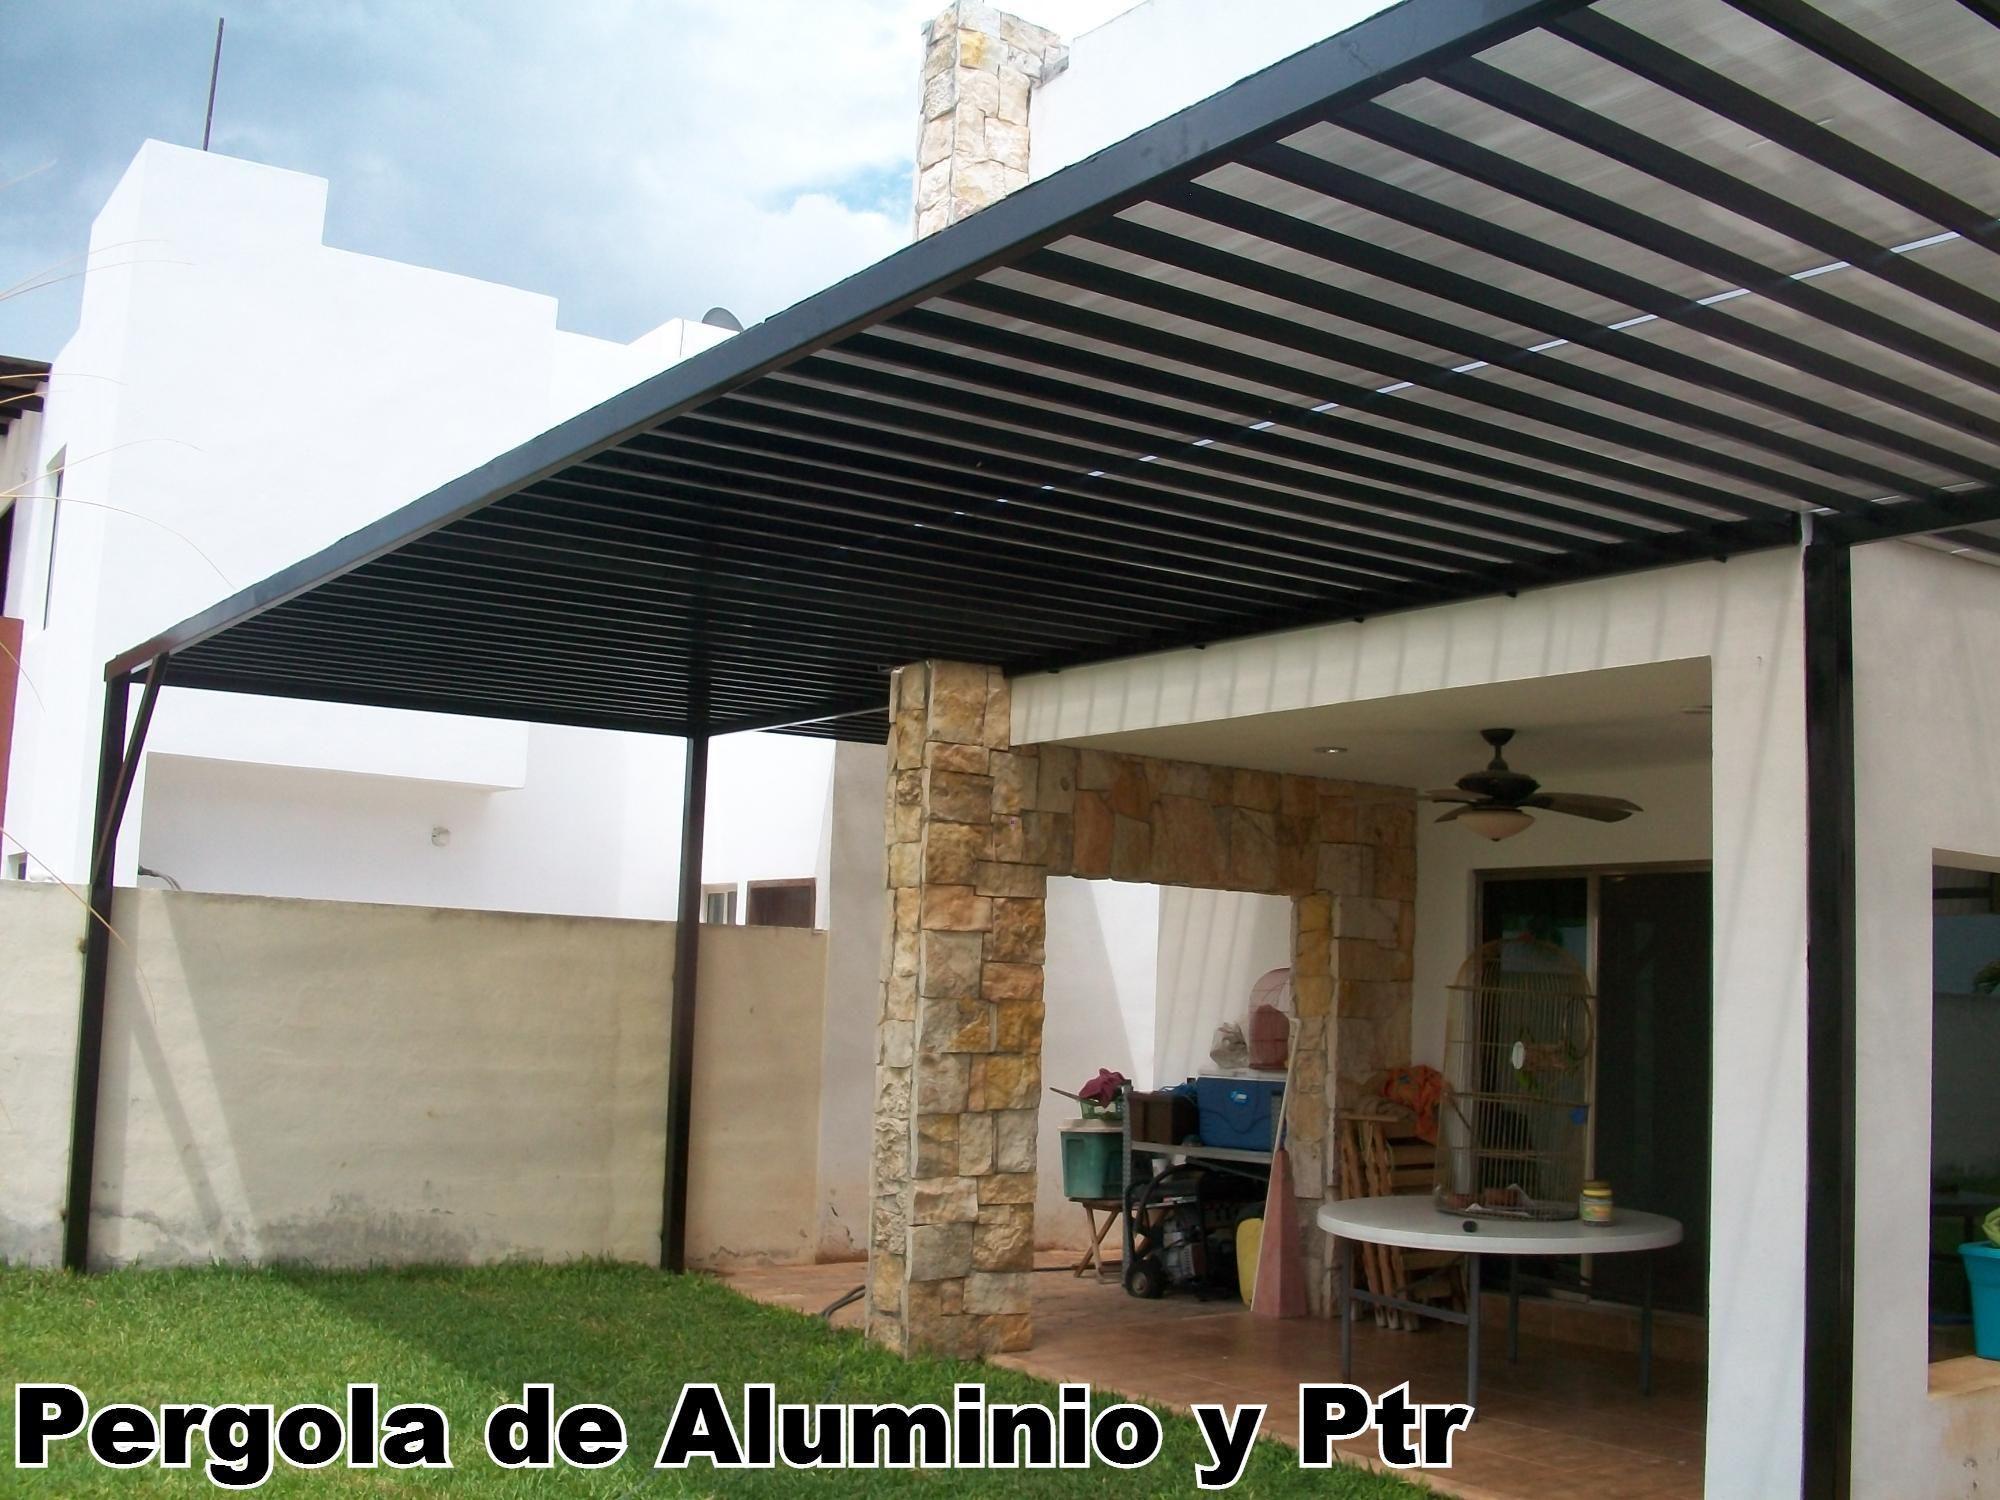 prgola estrella de aluminio y policarbonato 4x3 m gris antracita terrazas y jardines pinterest antracita aluminio y gris - Como Hacer Una Pergola